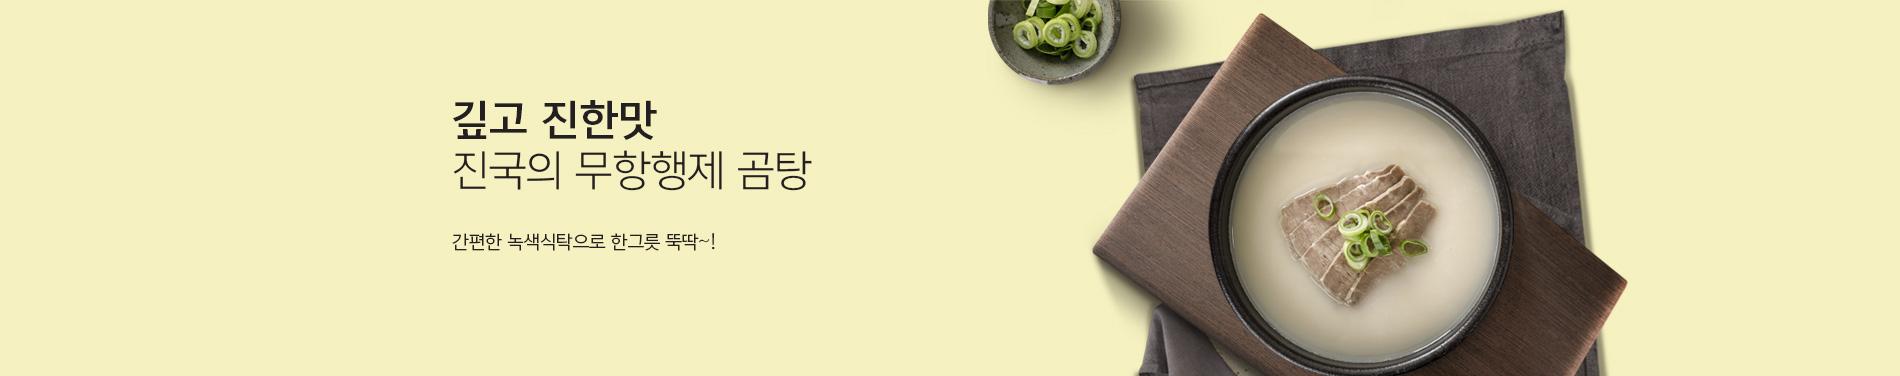 녹색식탁 곰탕